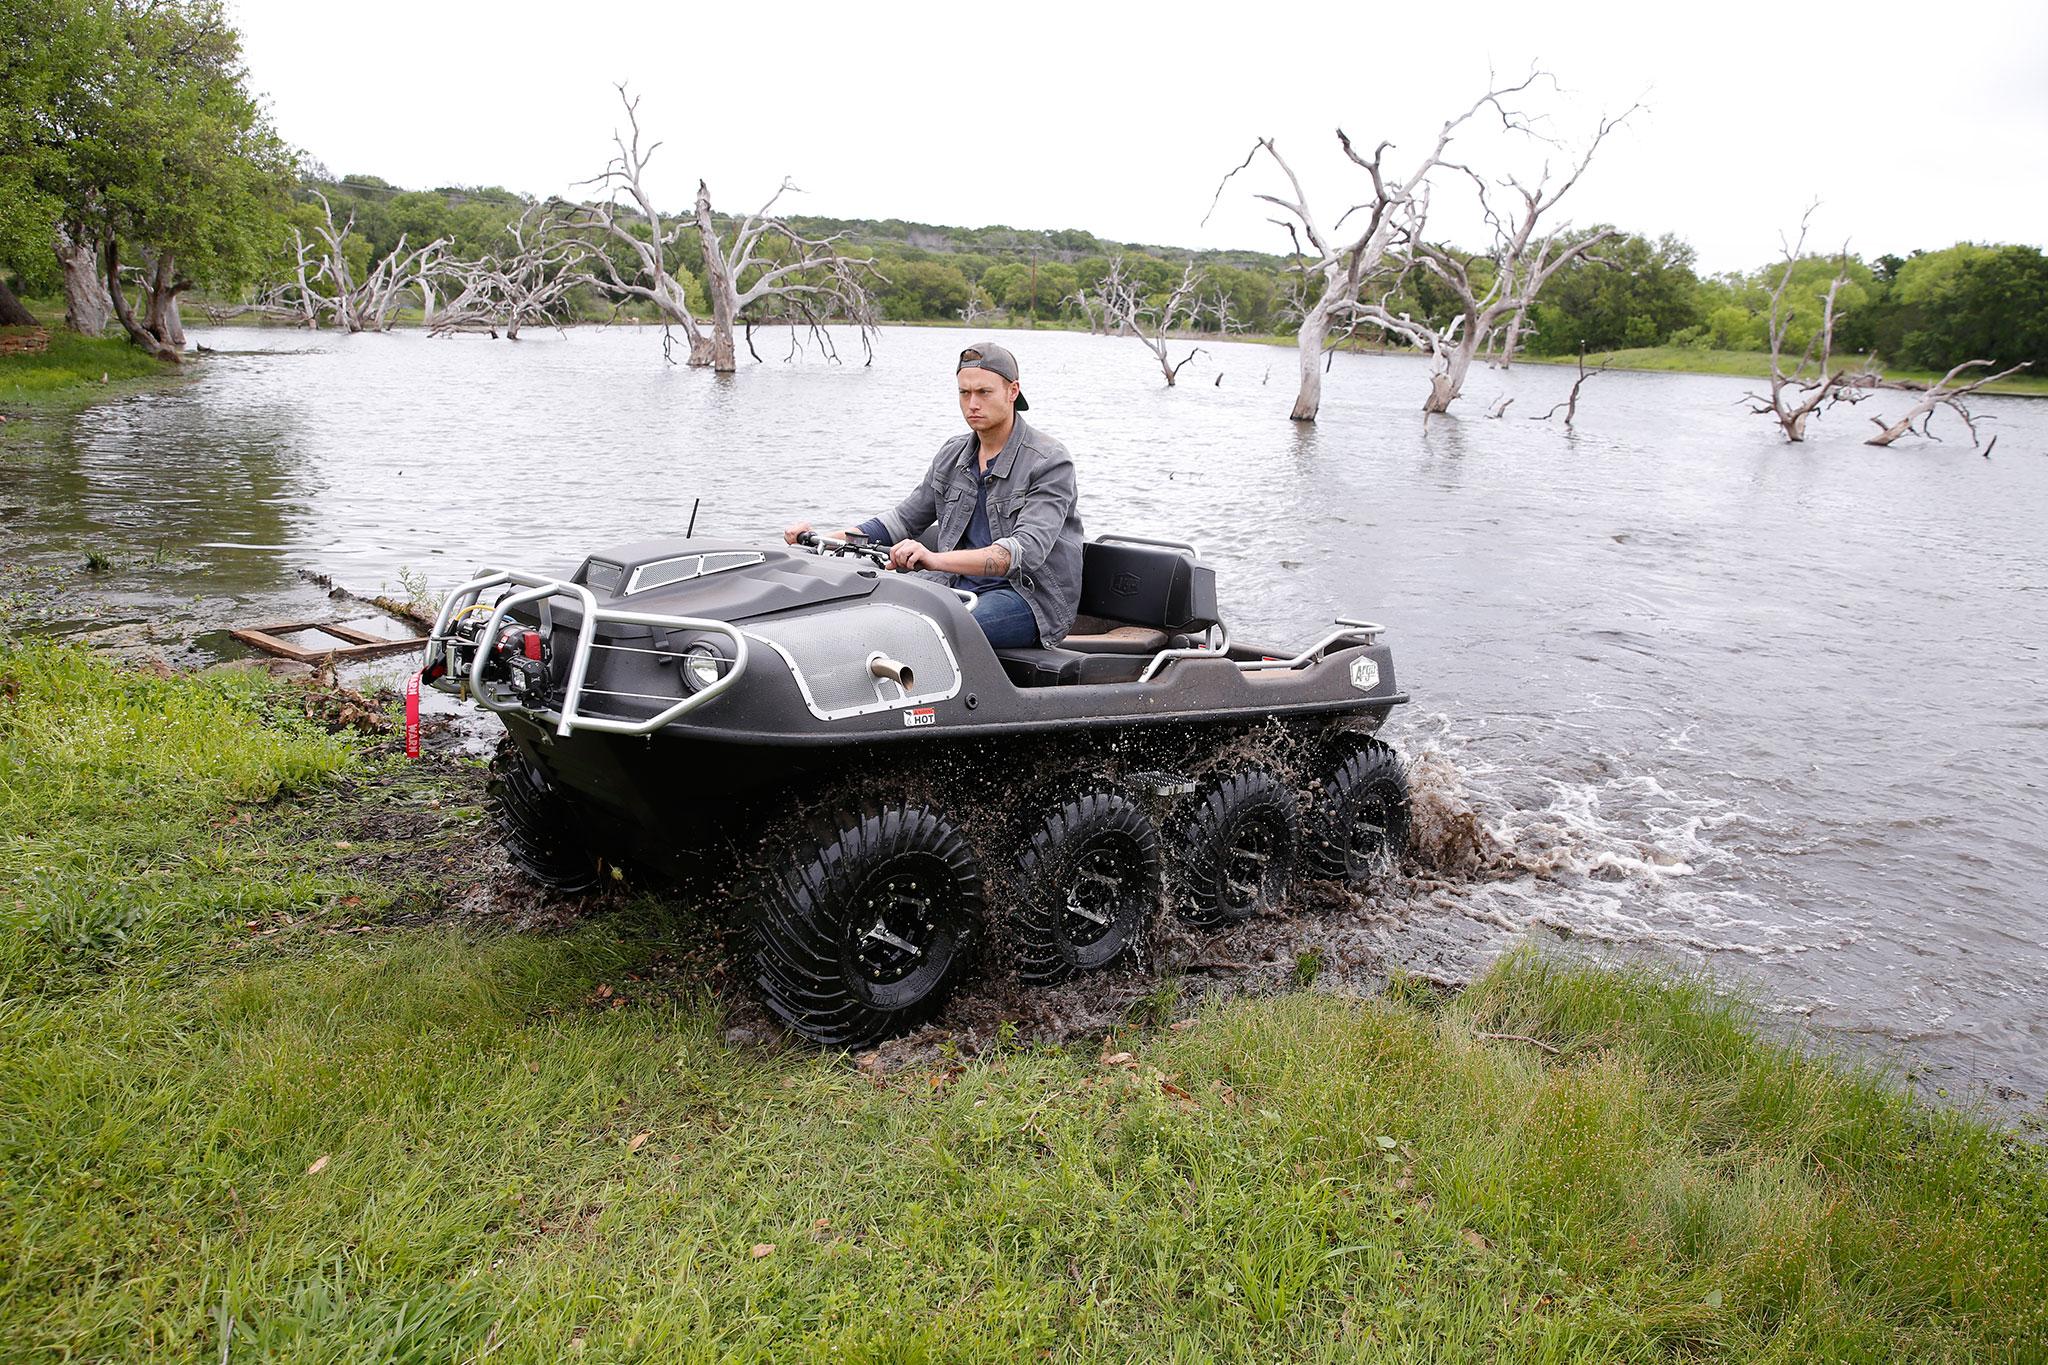 Amphibious Vehicle For Sale >> 2016 Argo 8x8 Amphibious ATV Review